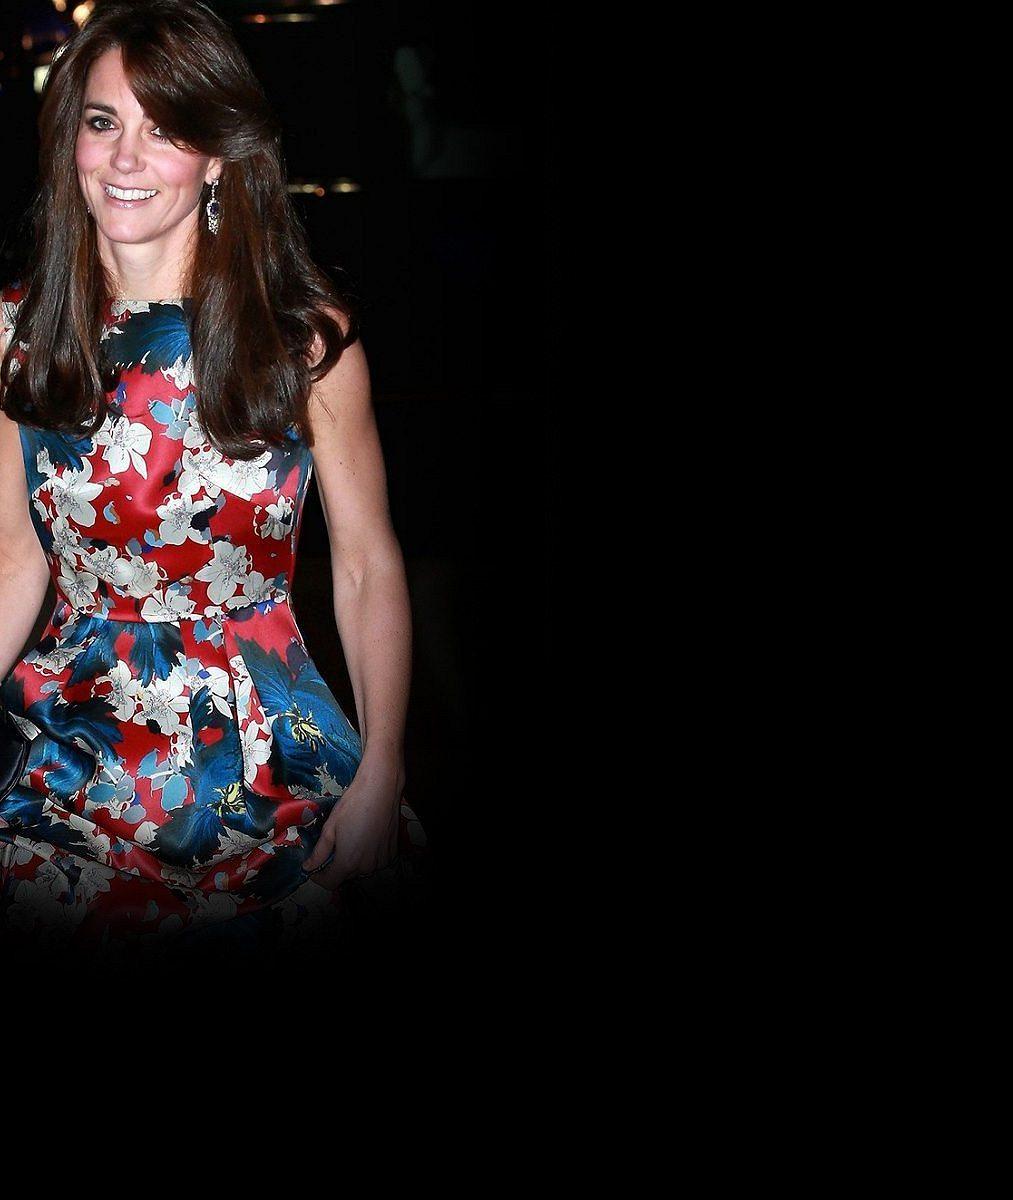 Vévodkyně Kate byla v květovaných šatech okouzlující: Tato paráda vyšla na 100 tisíc